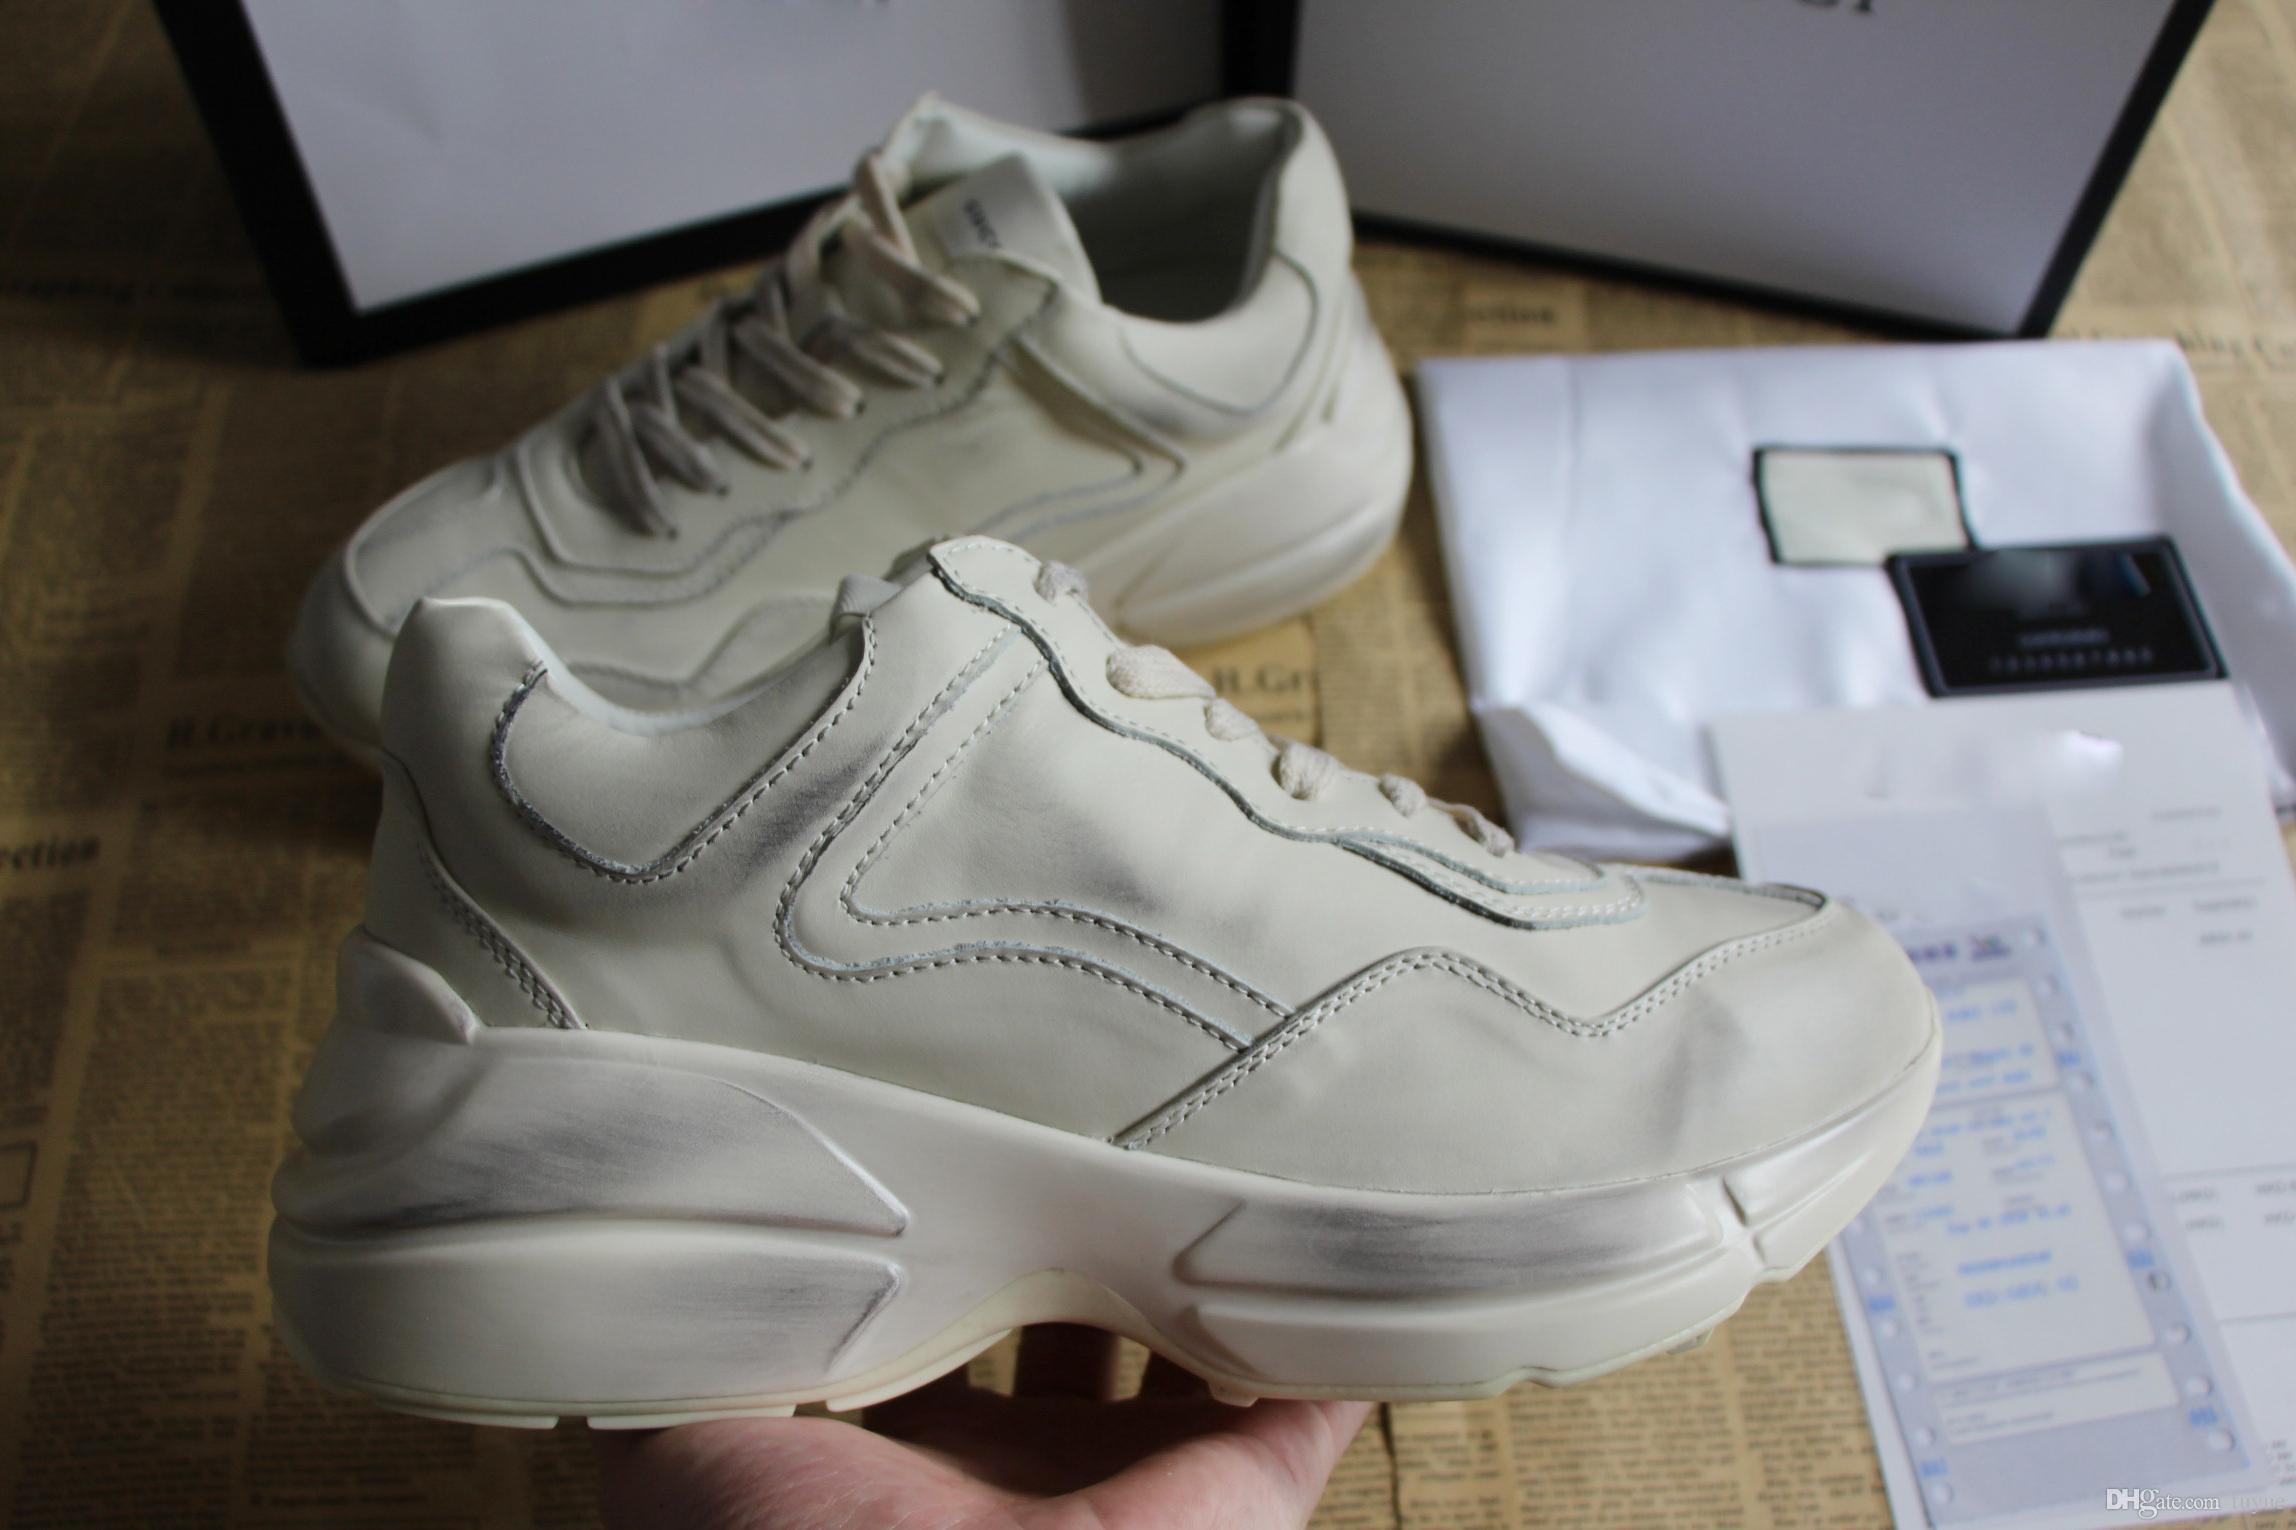 hot sales 81ca6 ce0b5 Mode Designer Damen Marke Casual Schuhe Rhyton Sneaker dicke Sohle und  sperrige Konstruktion unisex Sneaker für Männer Frauen Größe 34-46